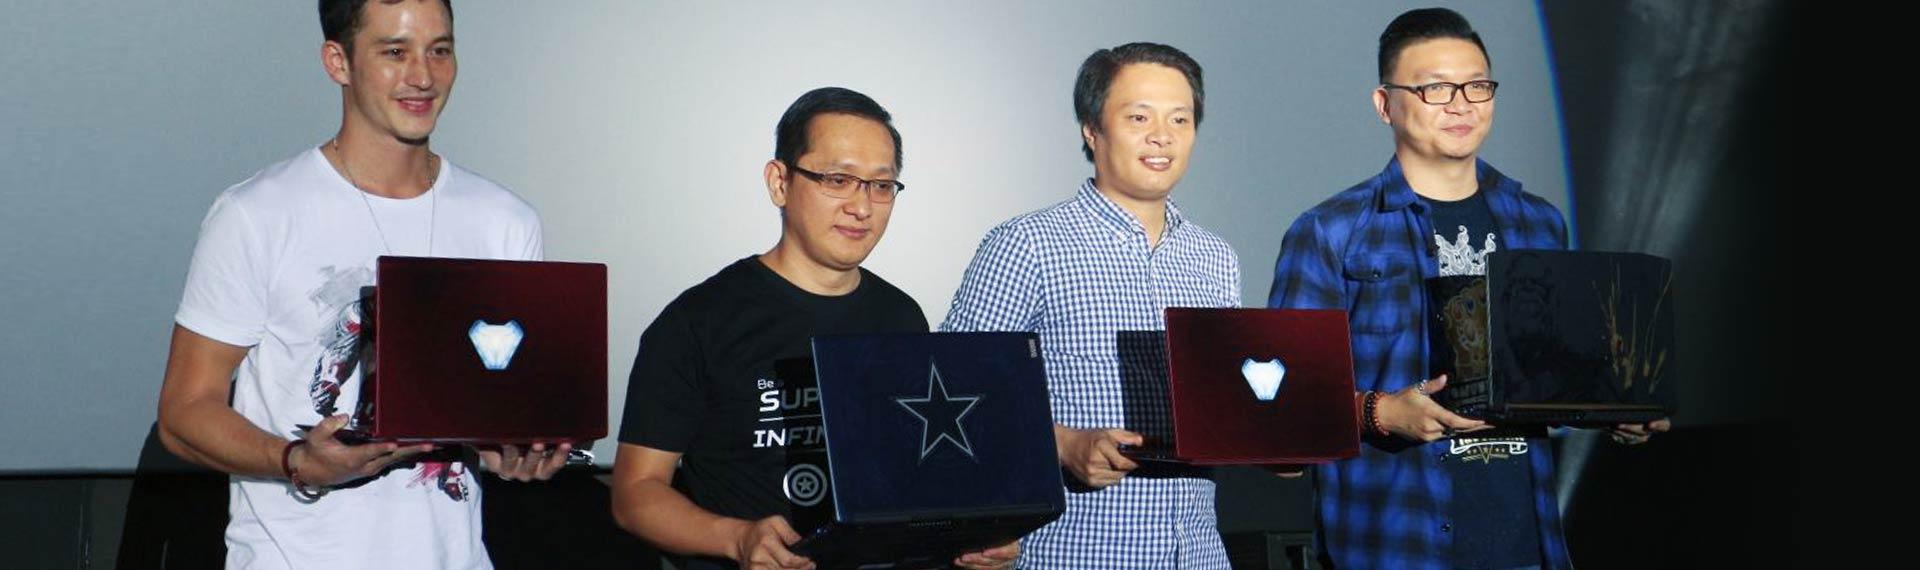 [Live Blogging] Peluncuran Laptop Acer Avengers Infinity War Sekaligus Nobar Seru!